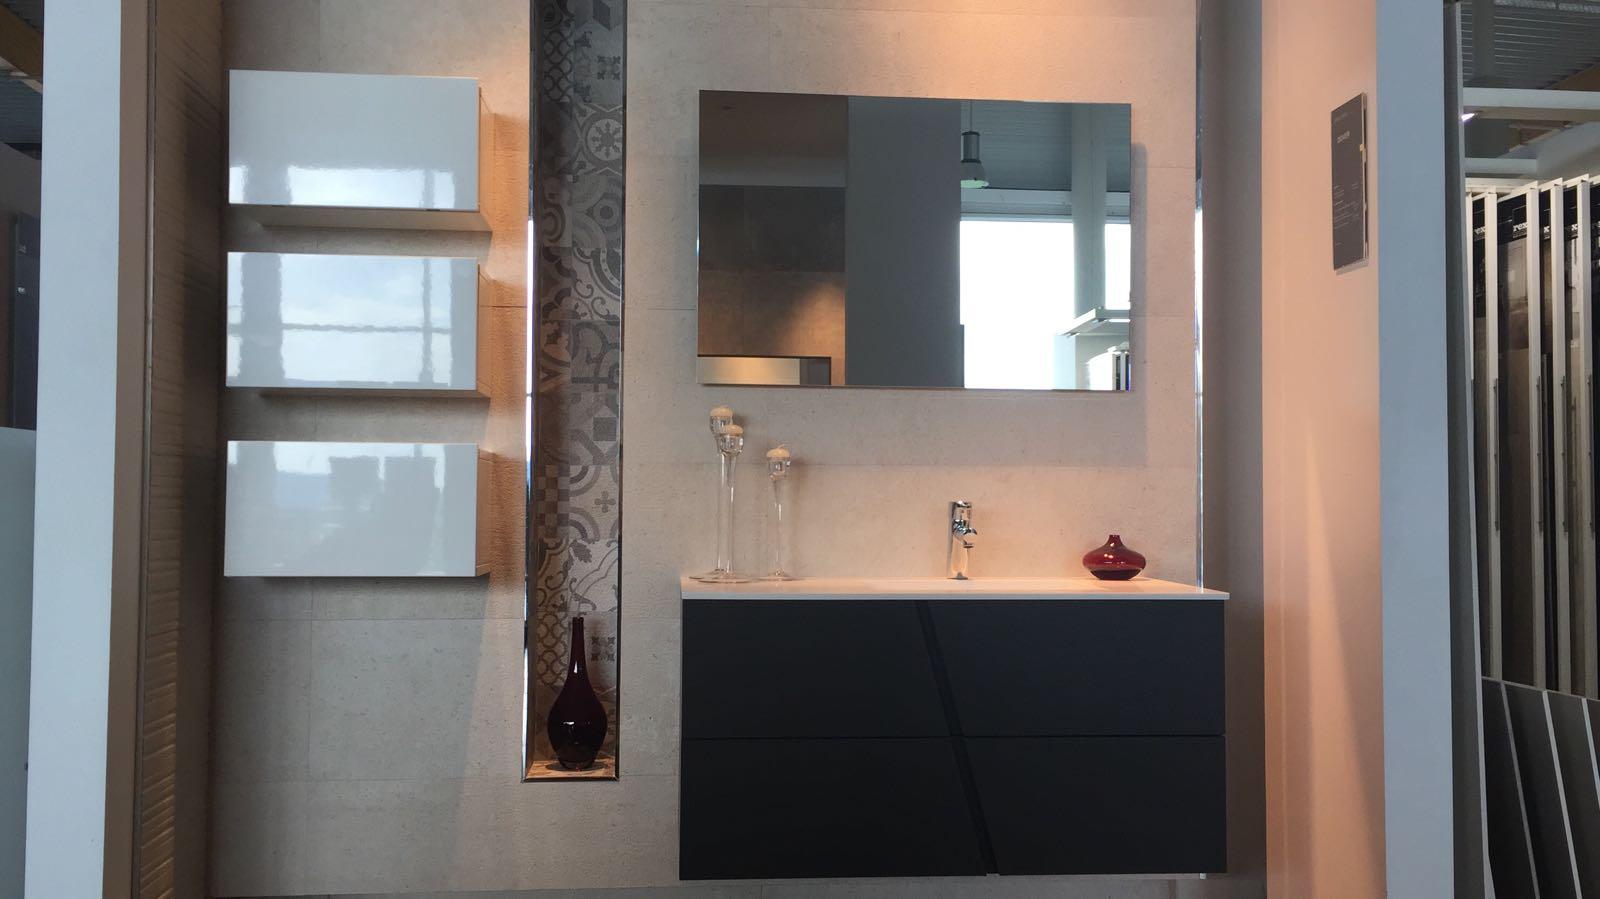 Muebles De Exposicion Idea Creativa Della Casa E Dell Interior  # Muebles Rafael Palacios